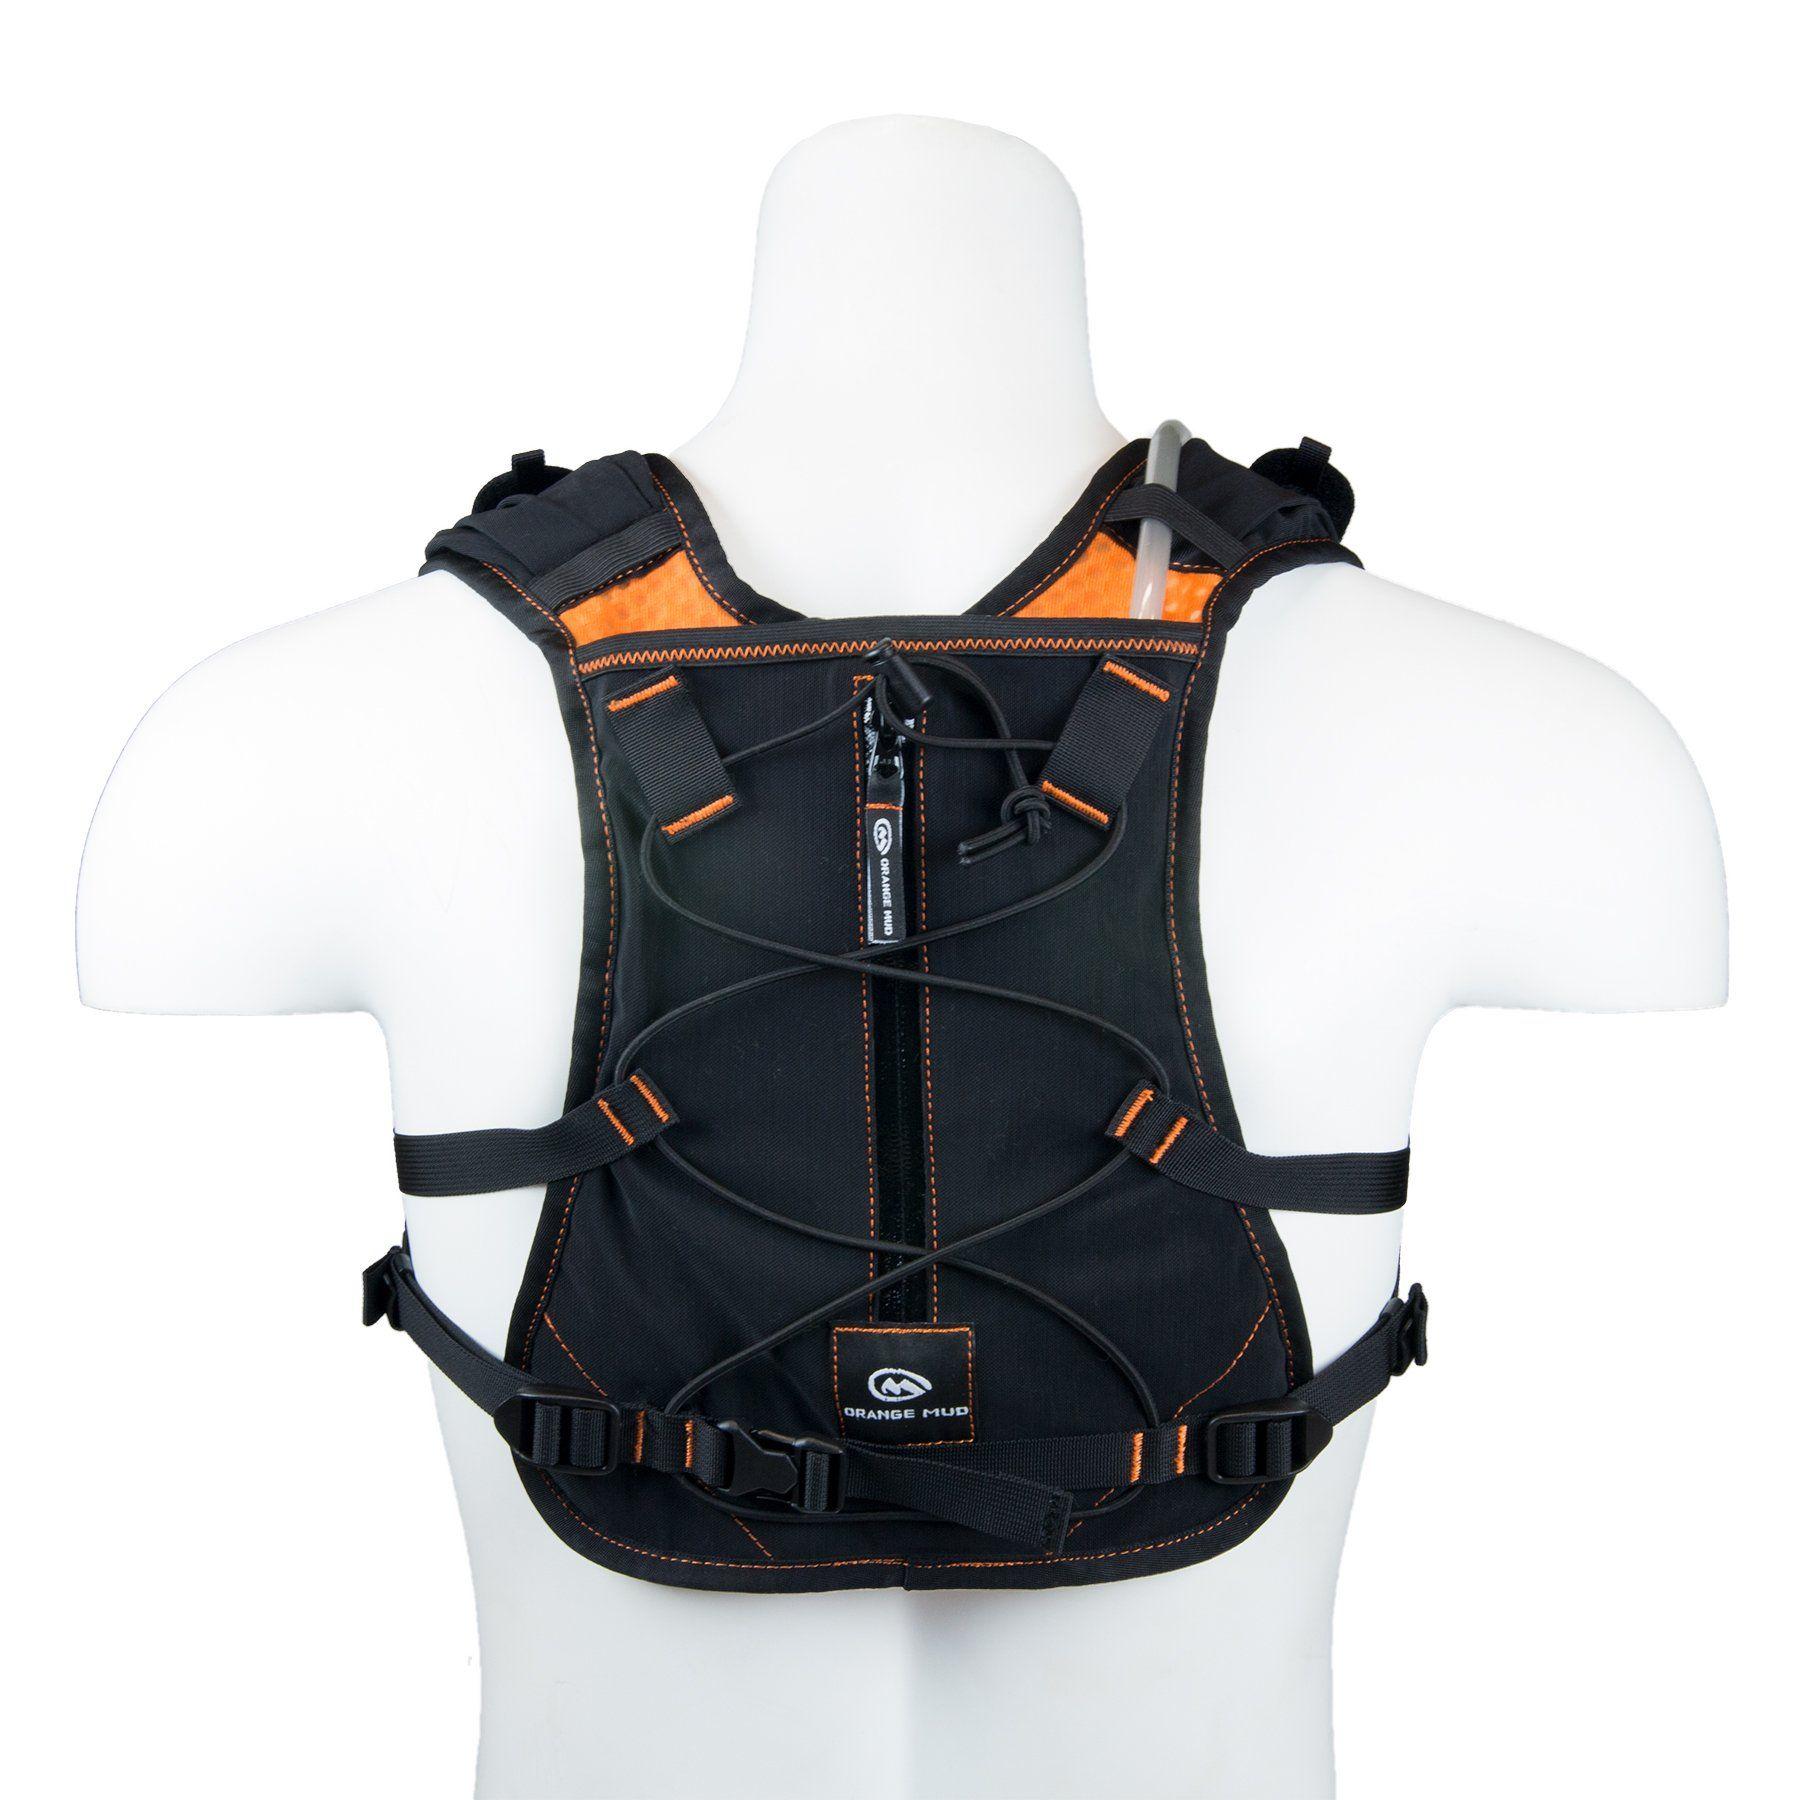 Endurance Pack V2.0 Ideal for running and biking